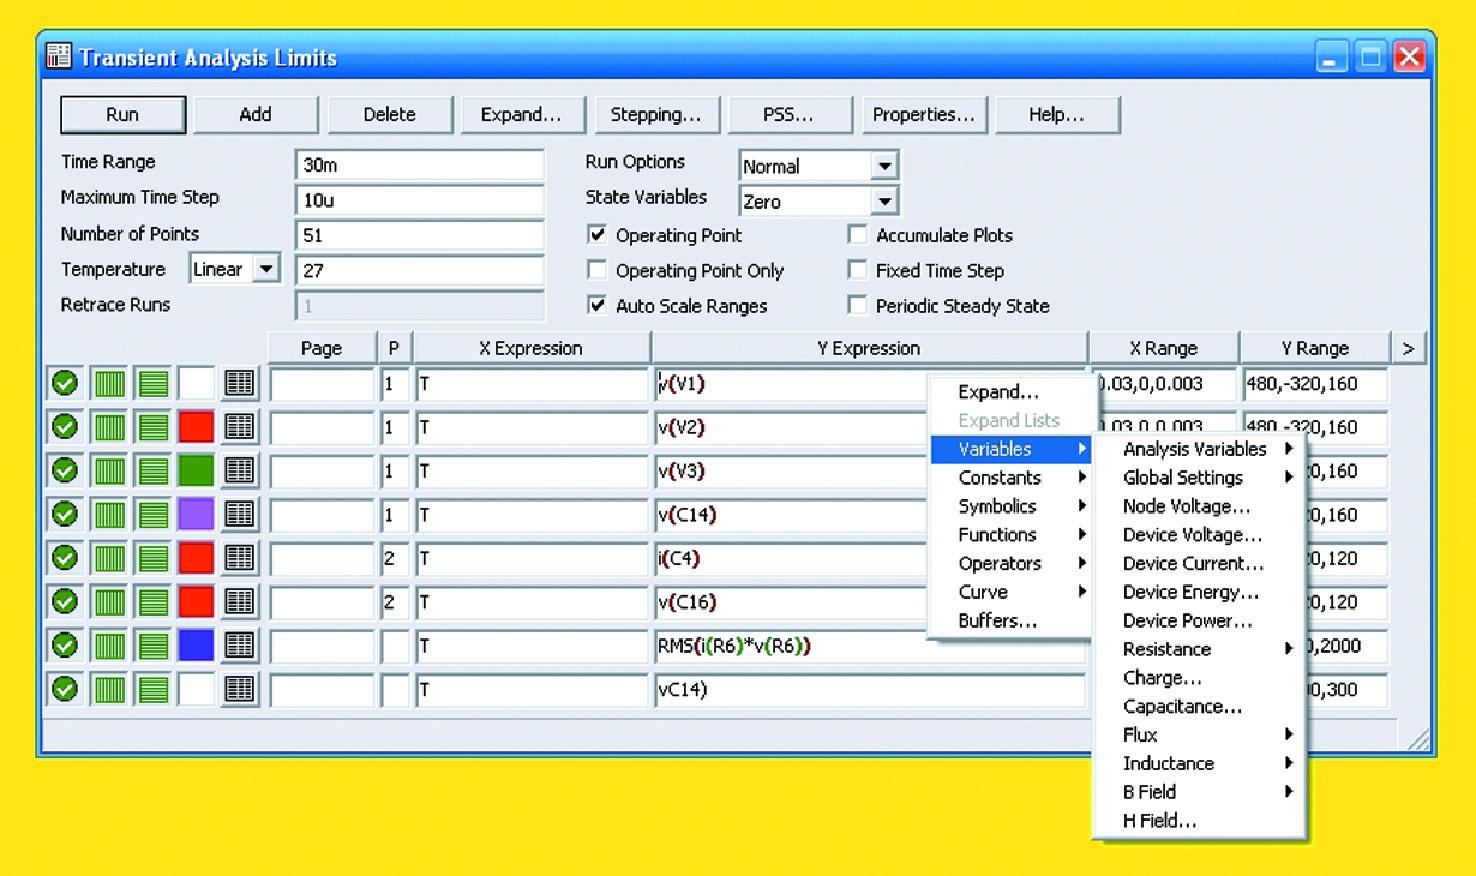 Панель установки параметров дляанализа переходных процессов всхемотехнической модели ИЭП